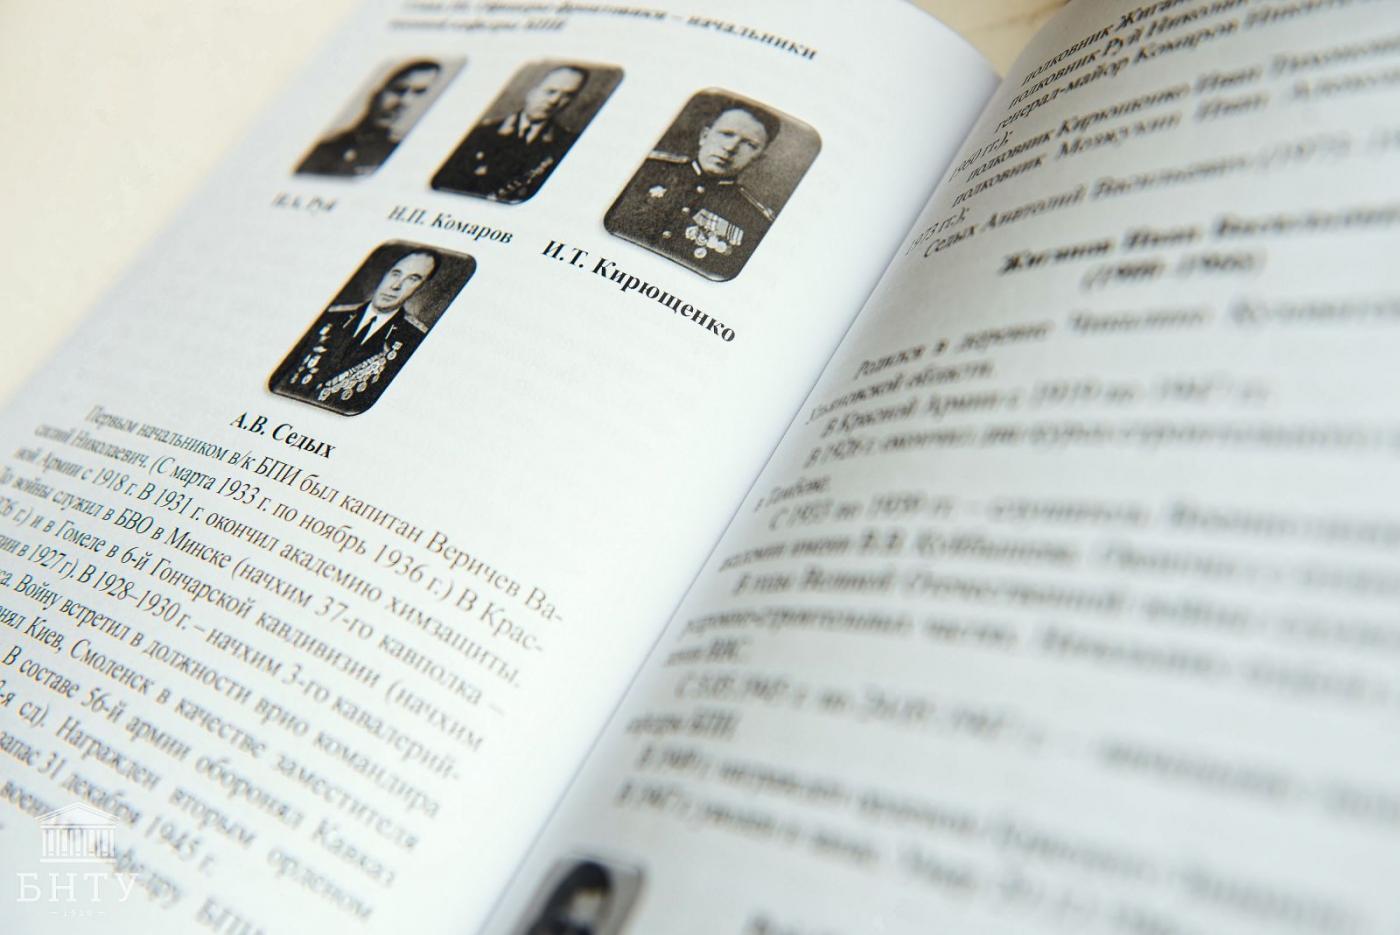 Память поколений БПИ - БГПА - БНТУ. Книга памяти о нелегких военных годах